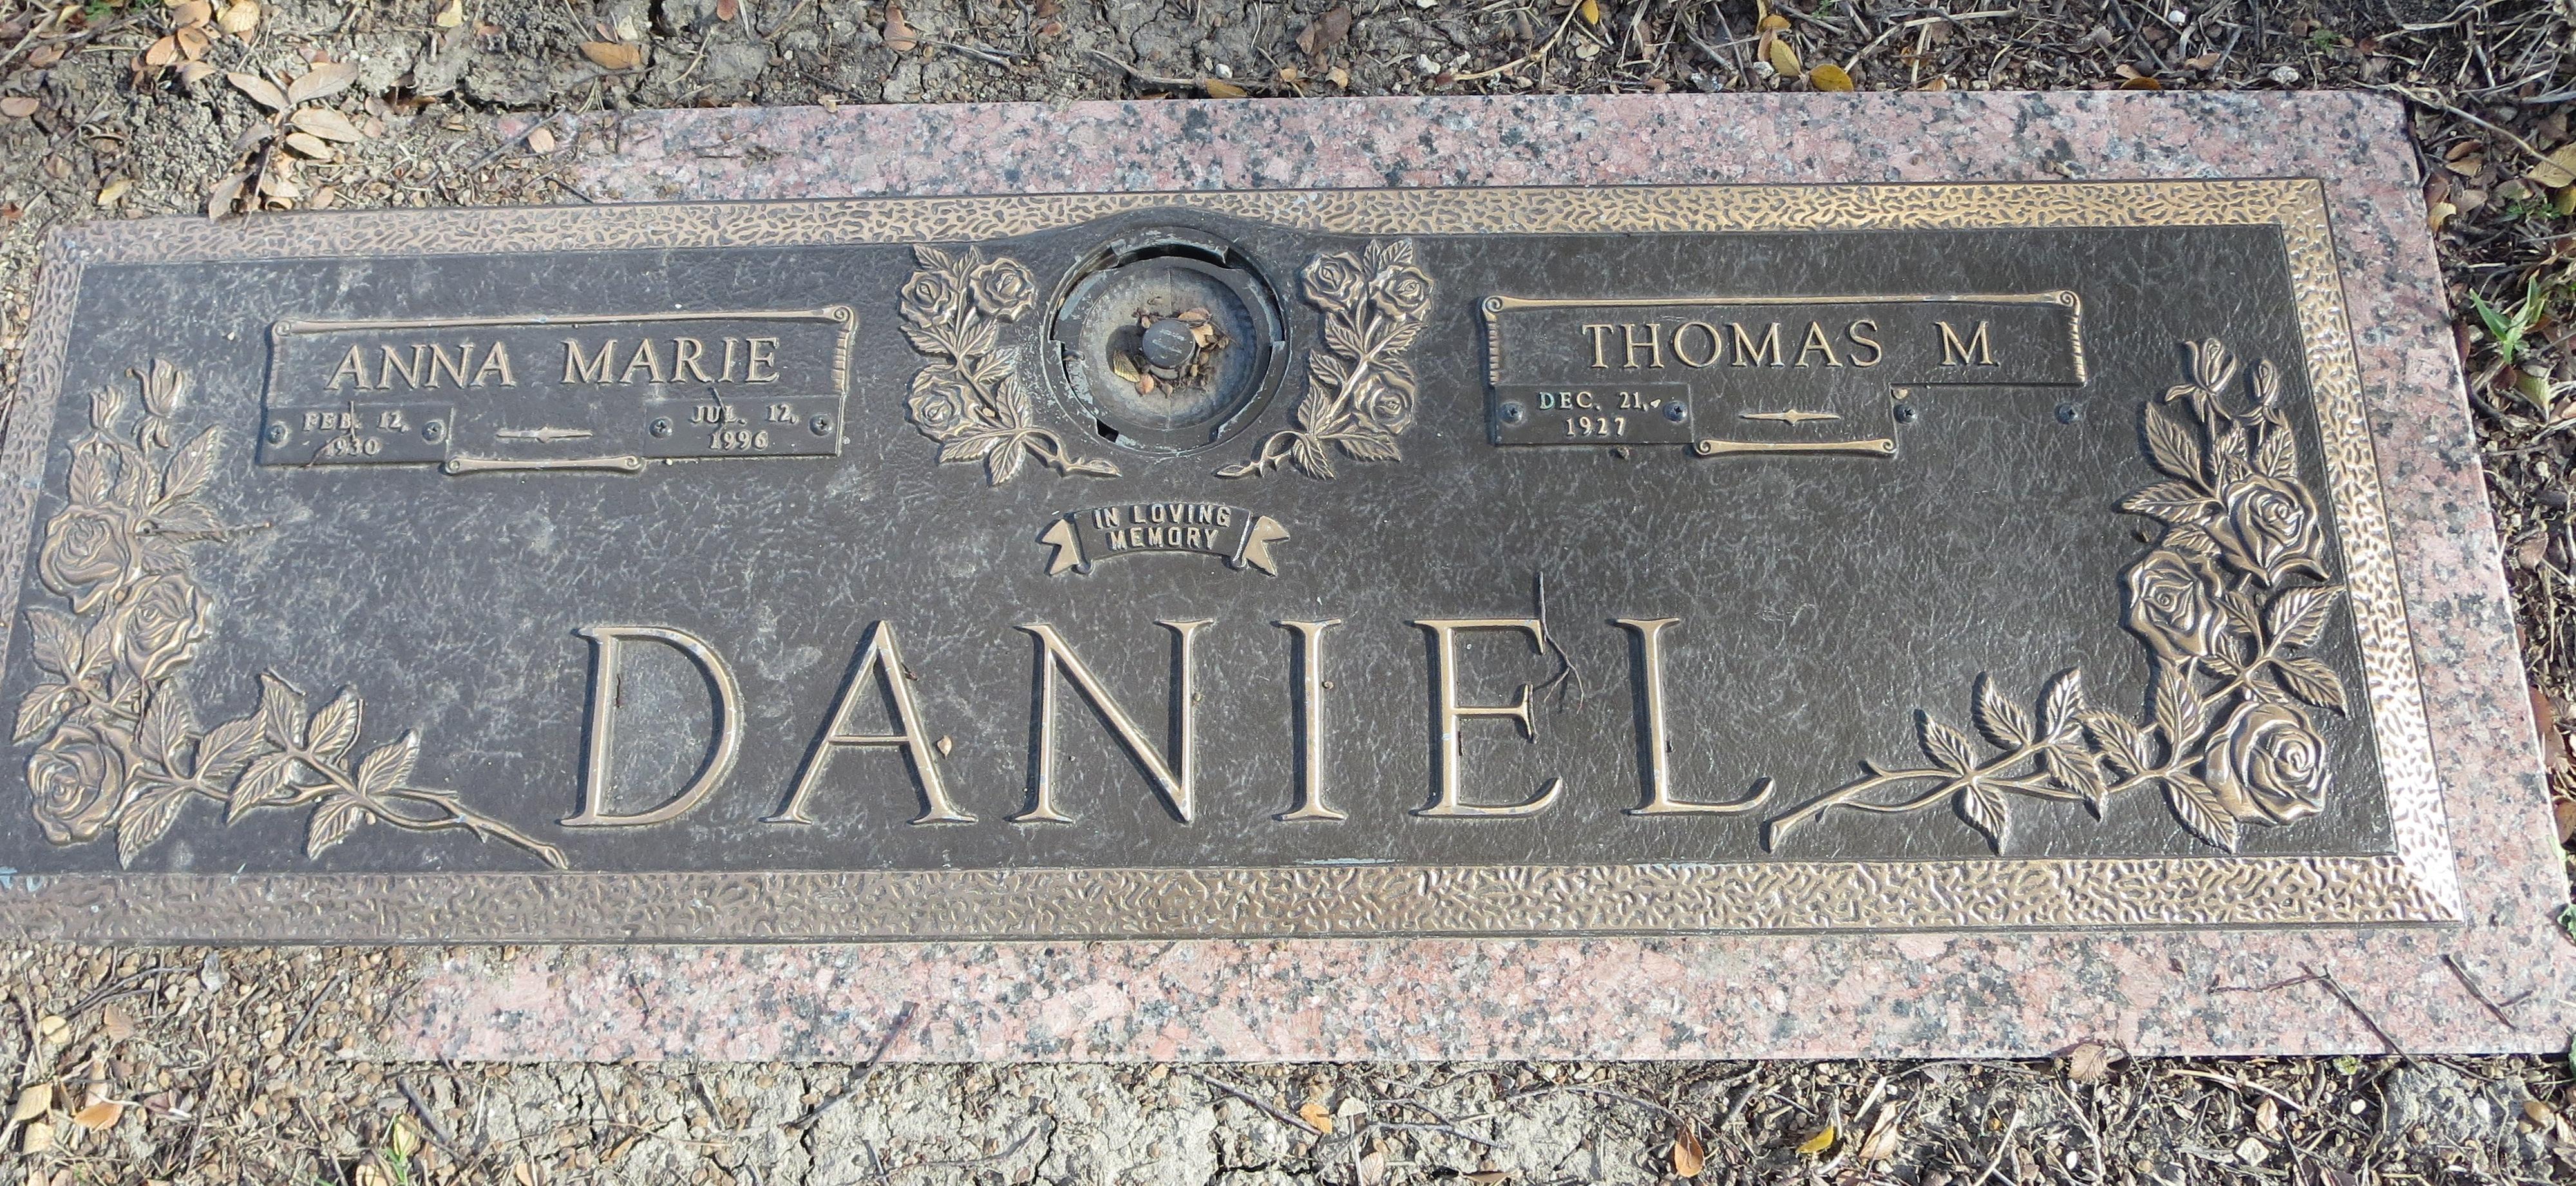 Anna Marie Daniel